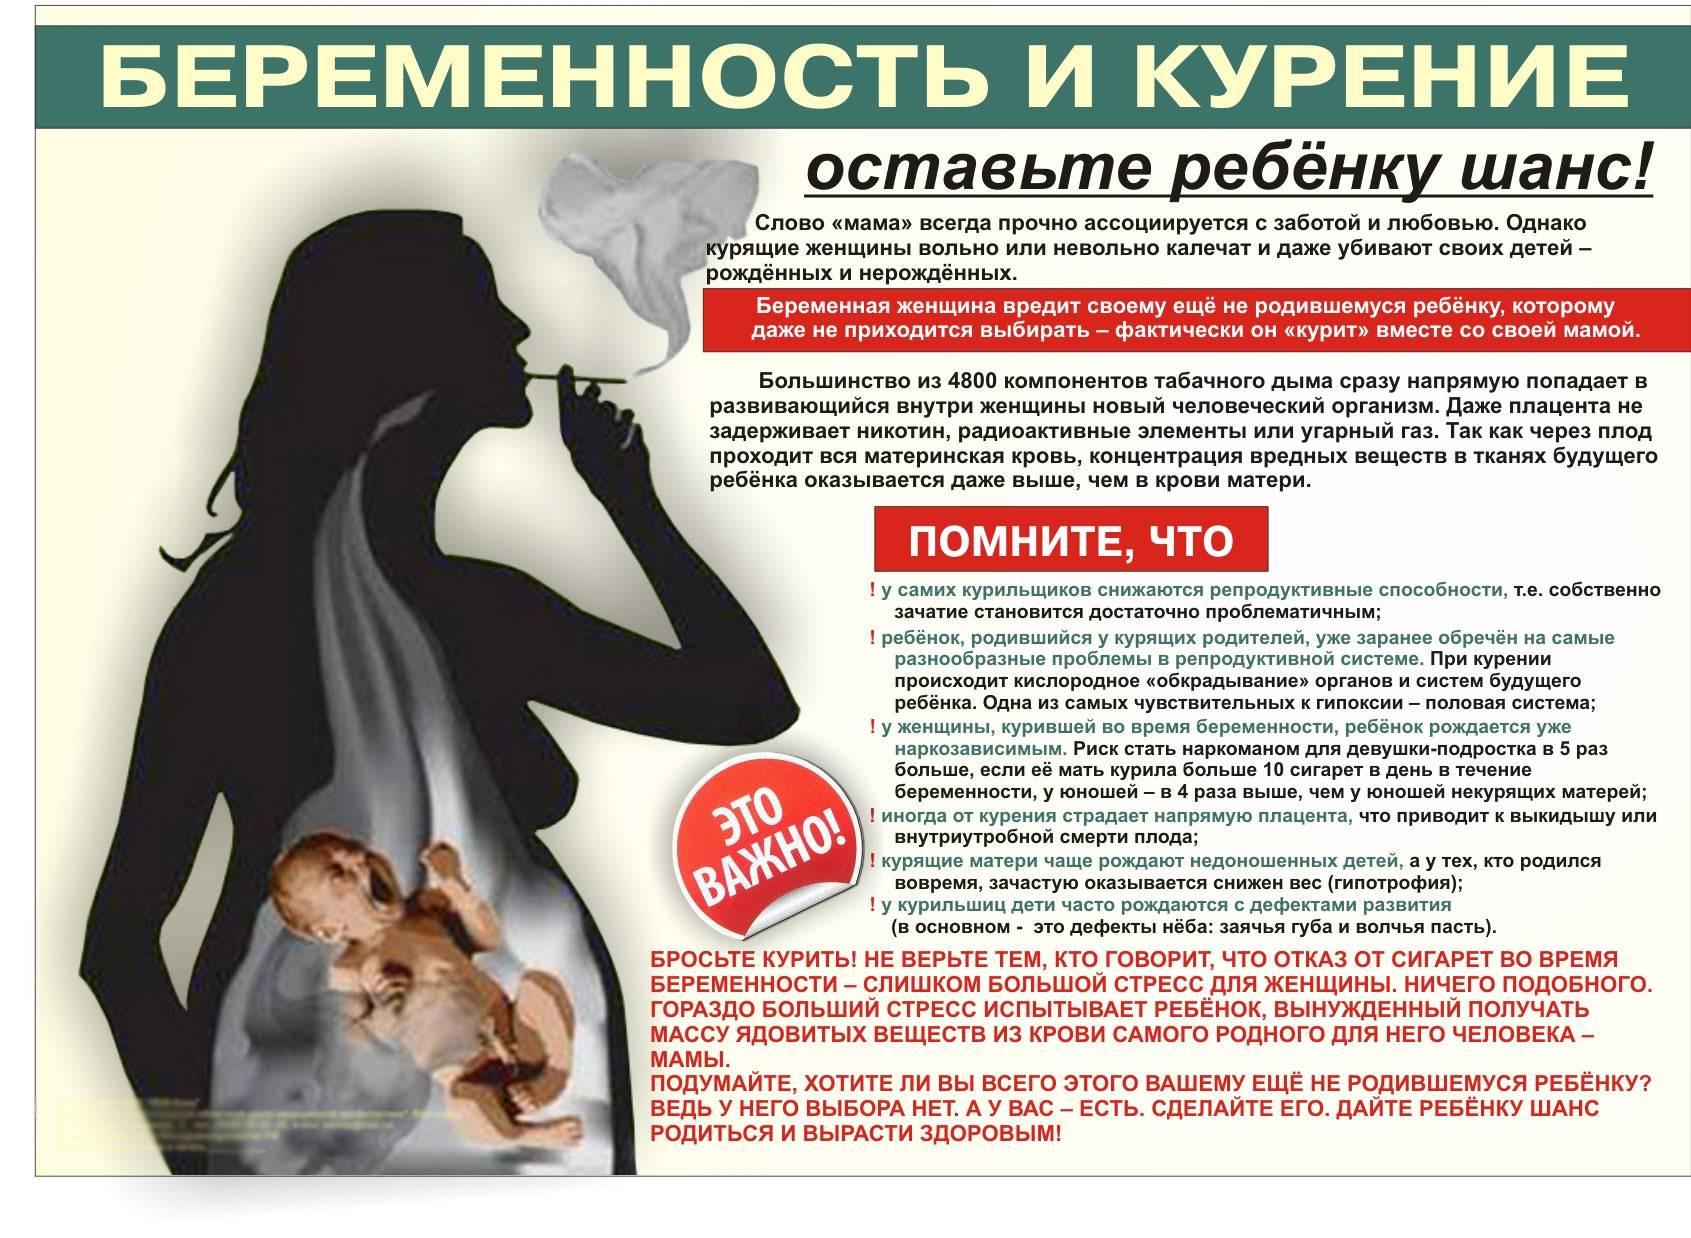 Курение при грудном вскармливании: сопоставляем риски